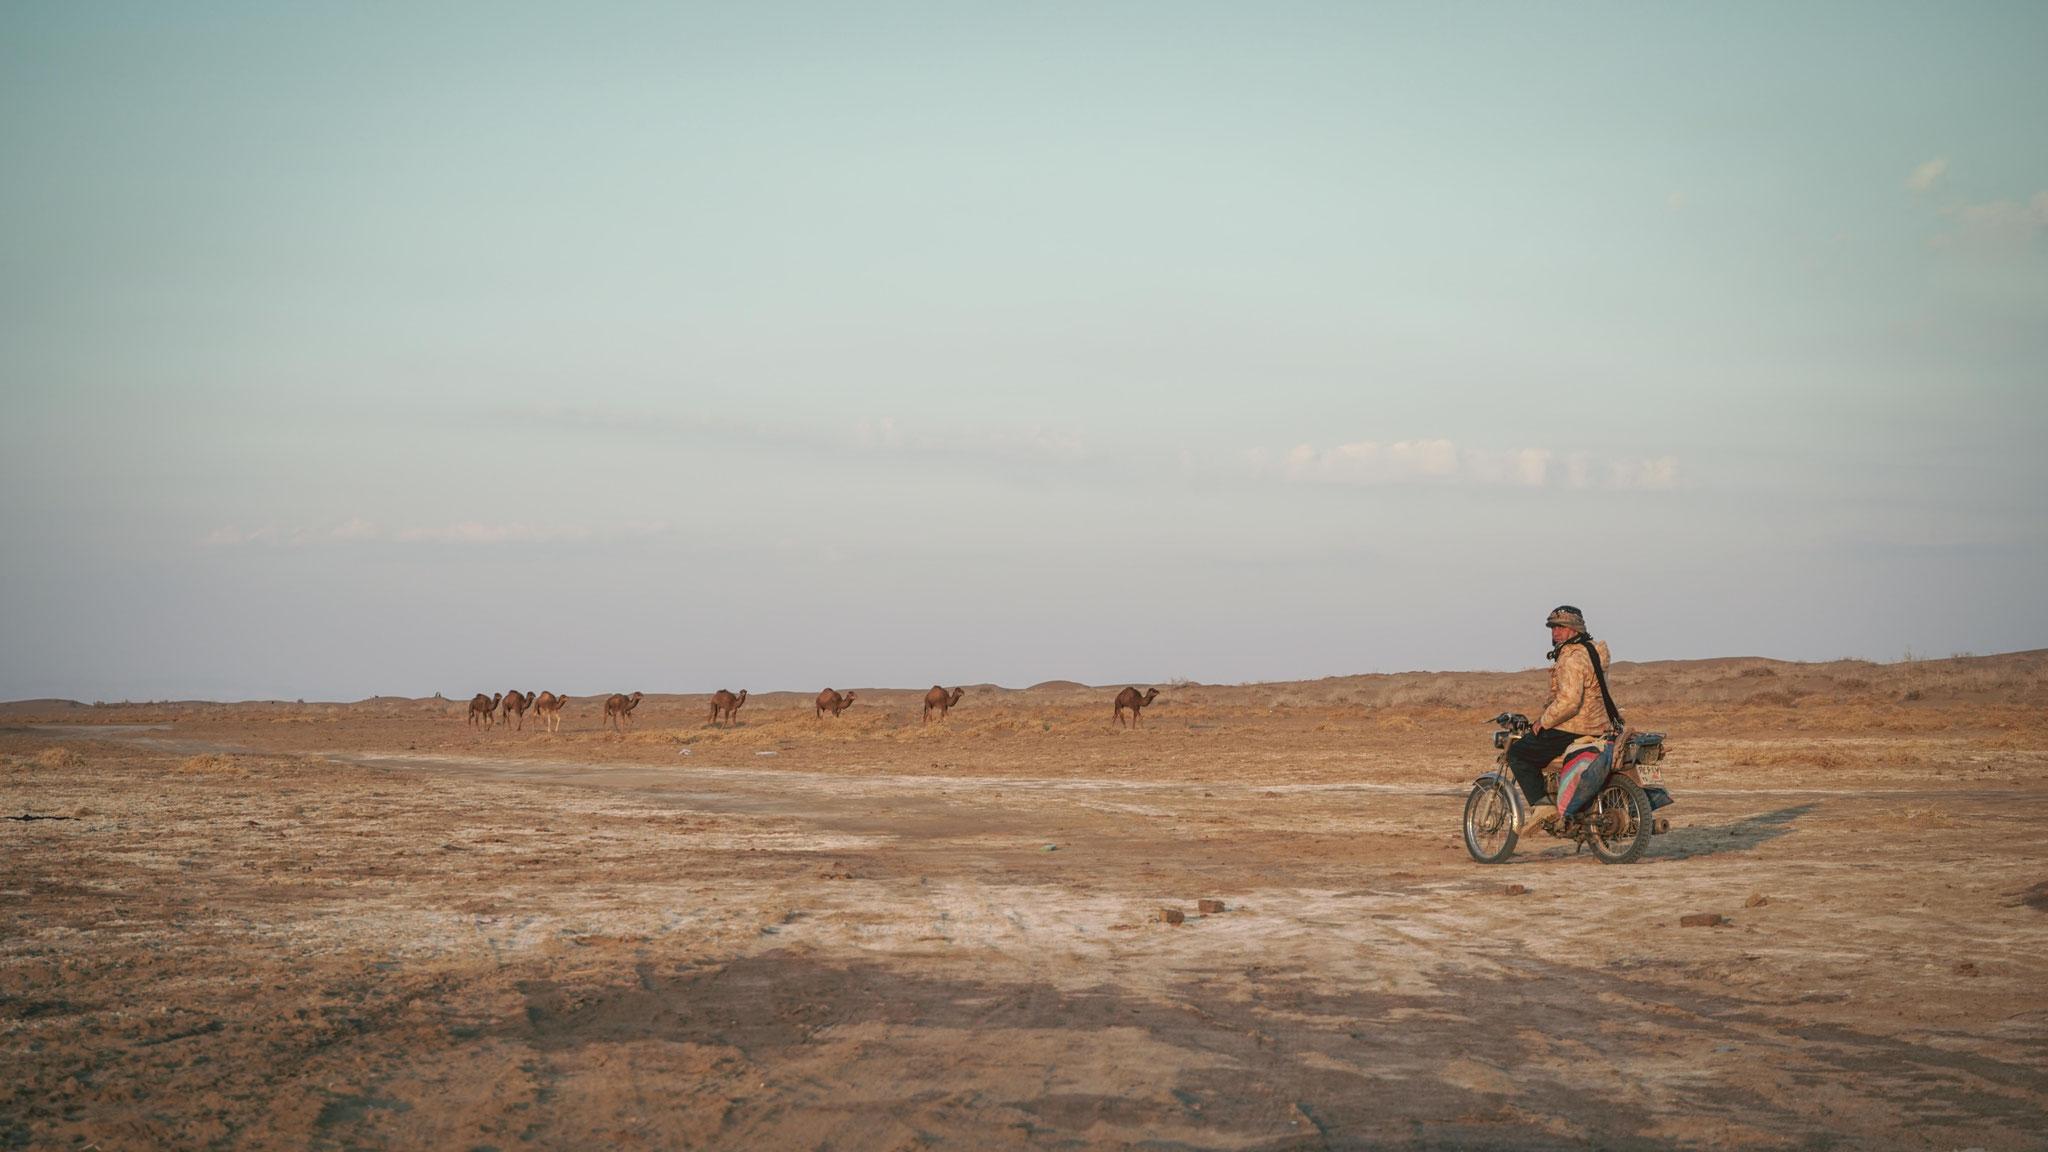 Am Namaksee im Iran, ein Motorradfahrer bewacht seine Kamele